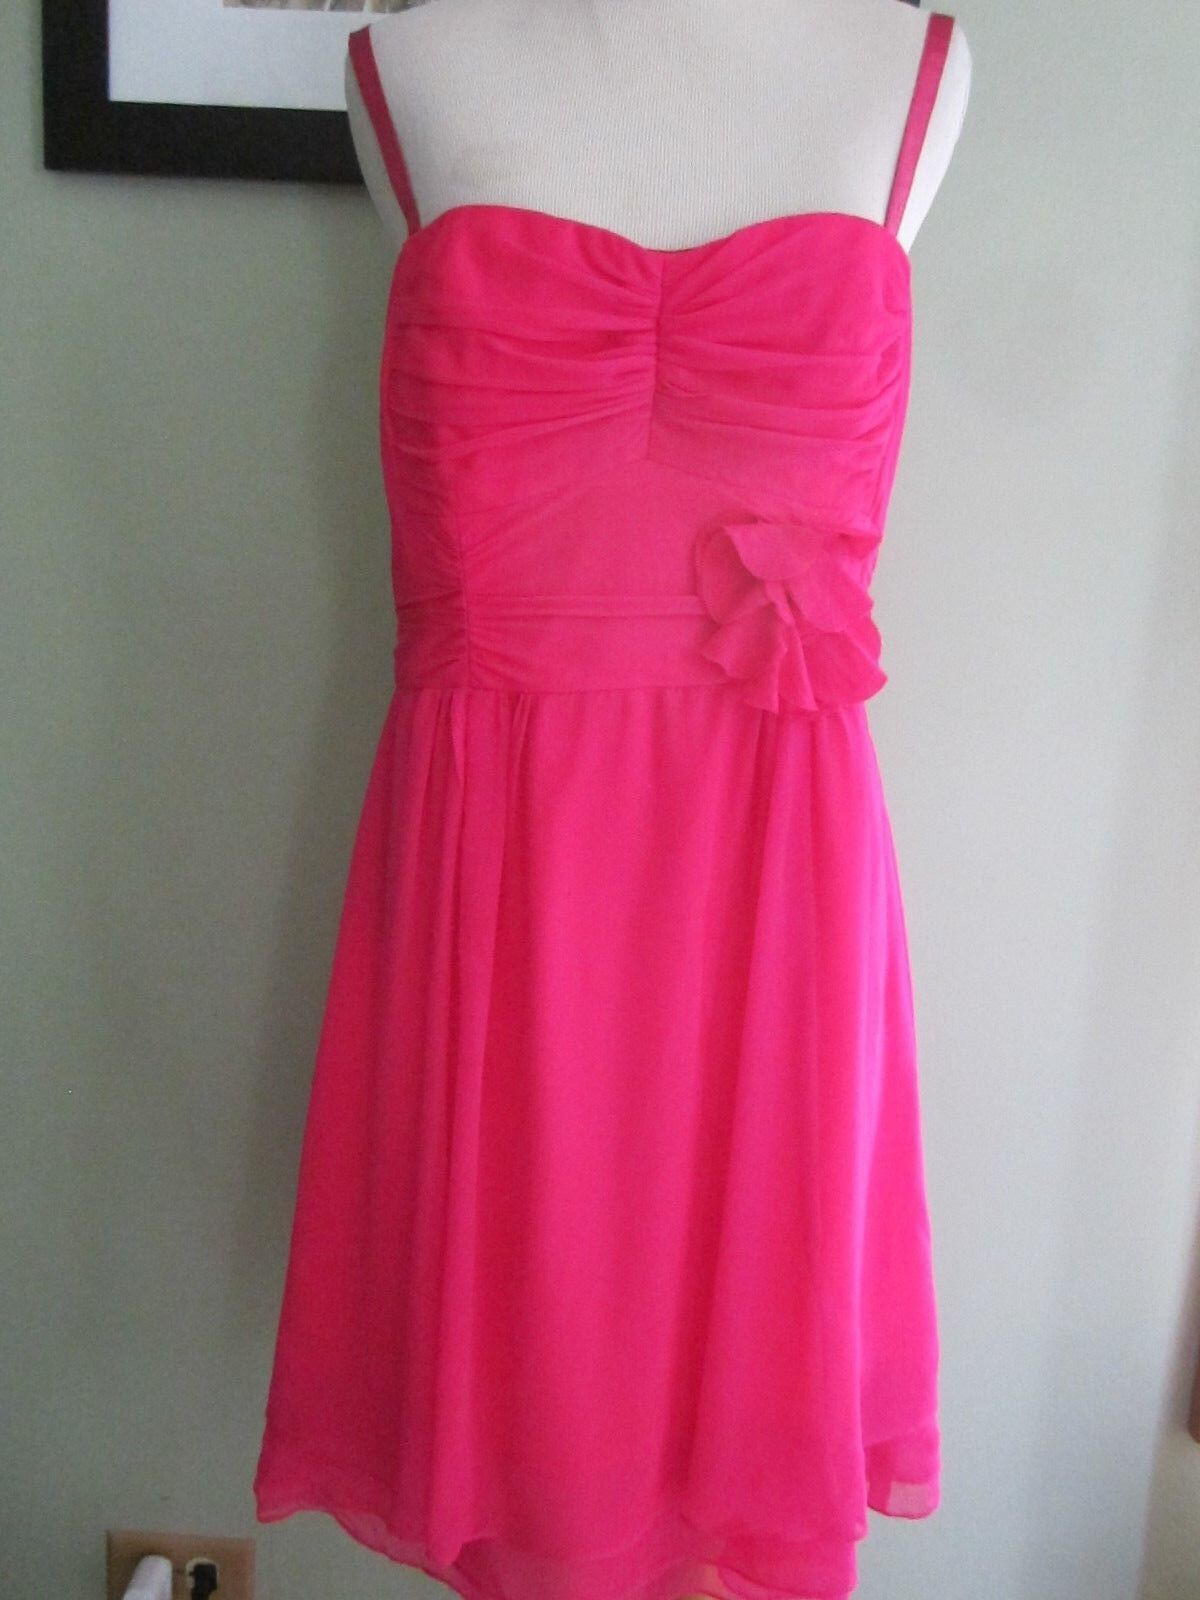 Nanette Lepore Hot Pink Sleeveless Halter Summer Dress Size S